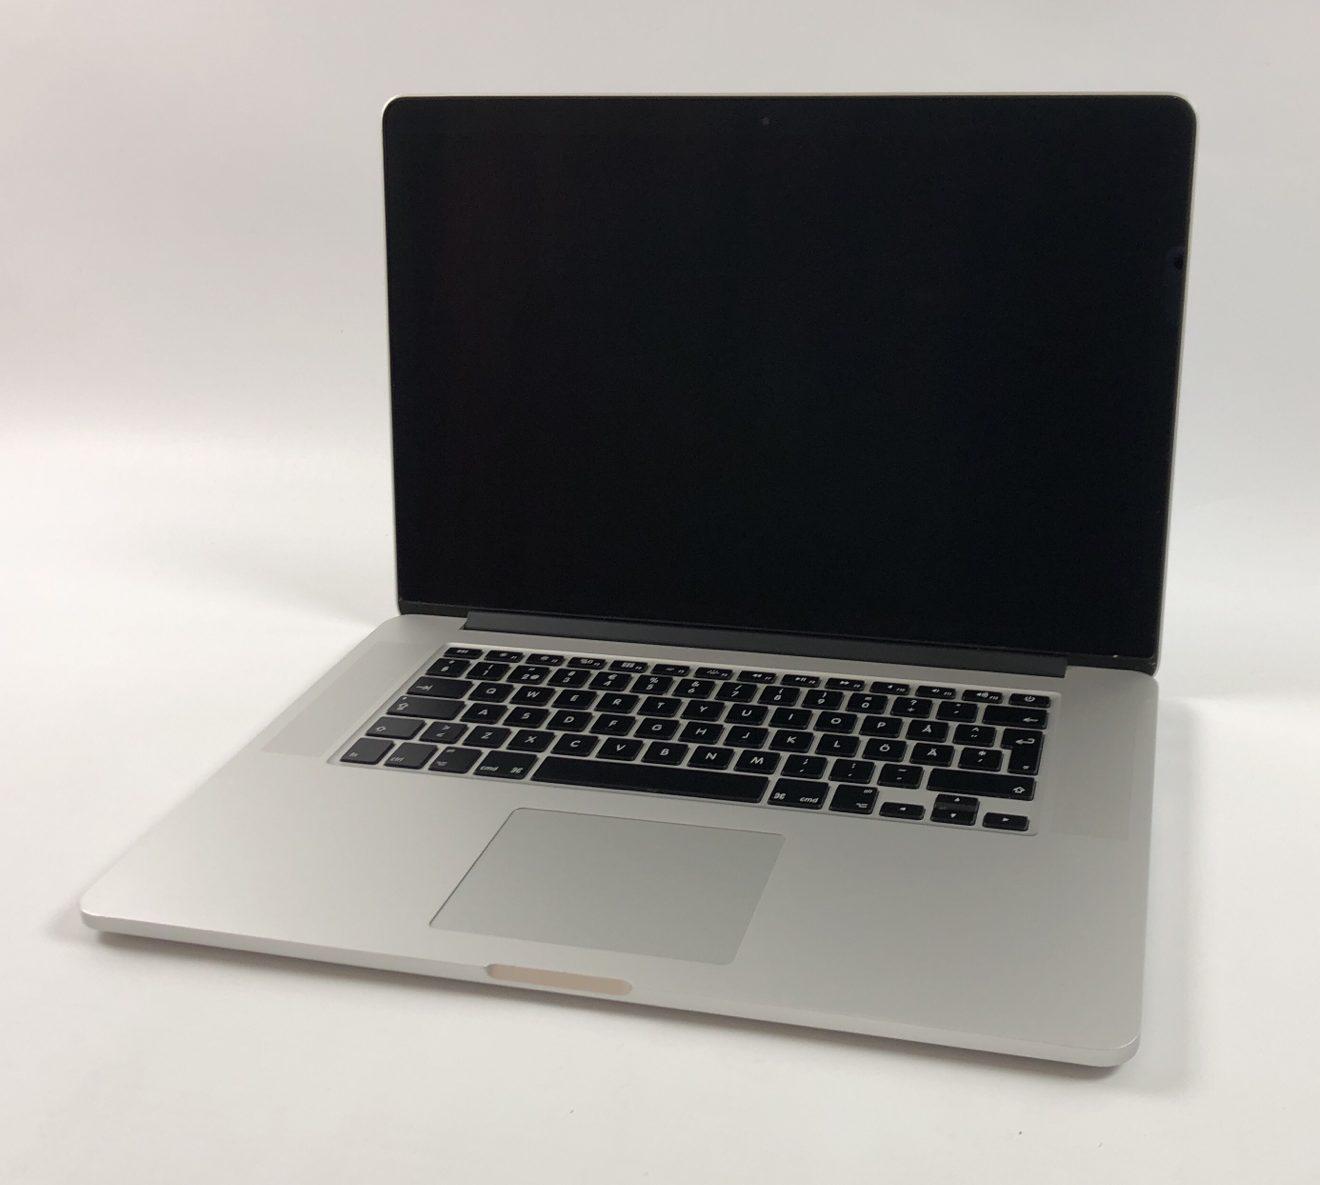 """MacBook Pro Retina 15"""" Mid 2014 (Intel Quad-Core i7 2.2 GHz 16 GB RAM 256 GB SSD), Intel Quad-Core i7 2.2 GHz, 16 GB RAM, 256 GB SSD, Kuva 1"""